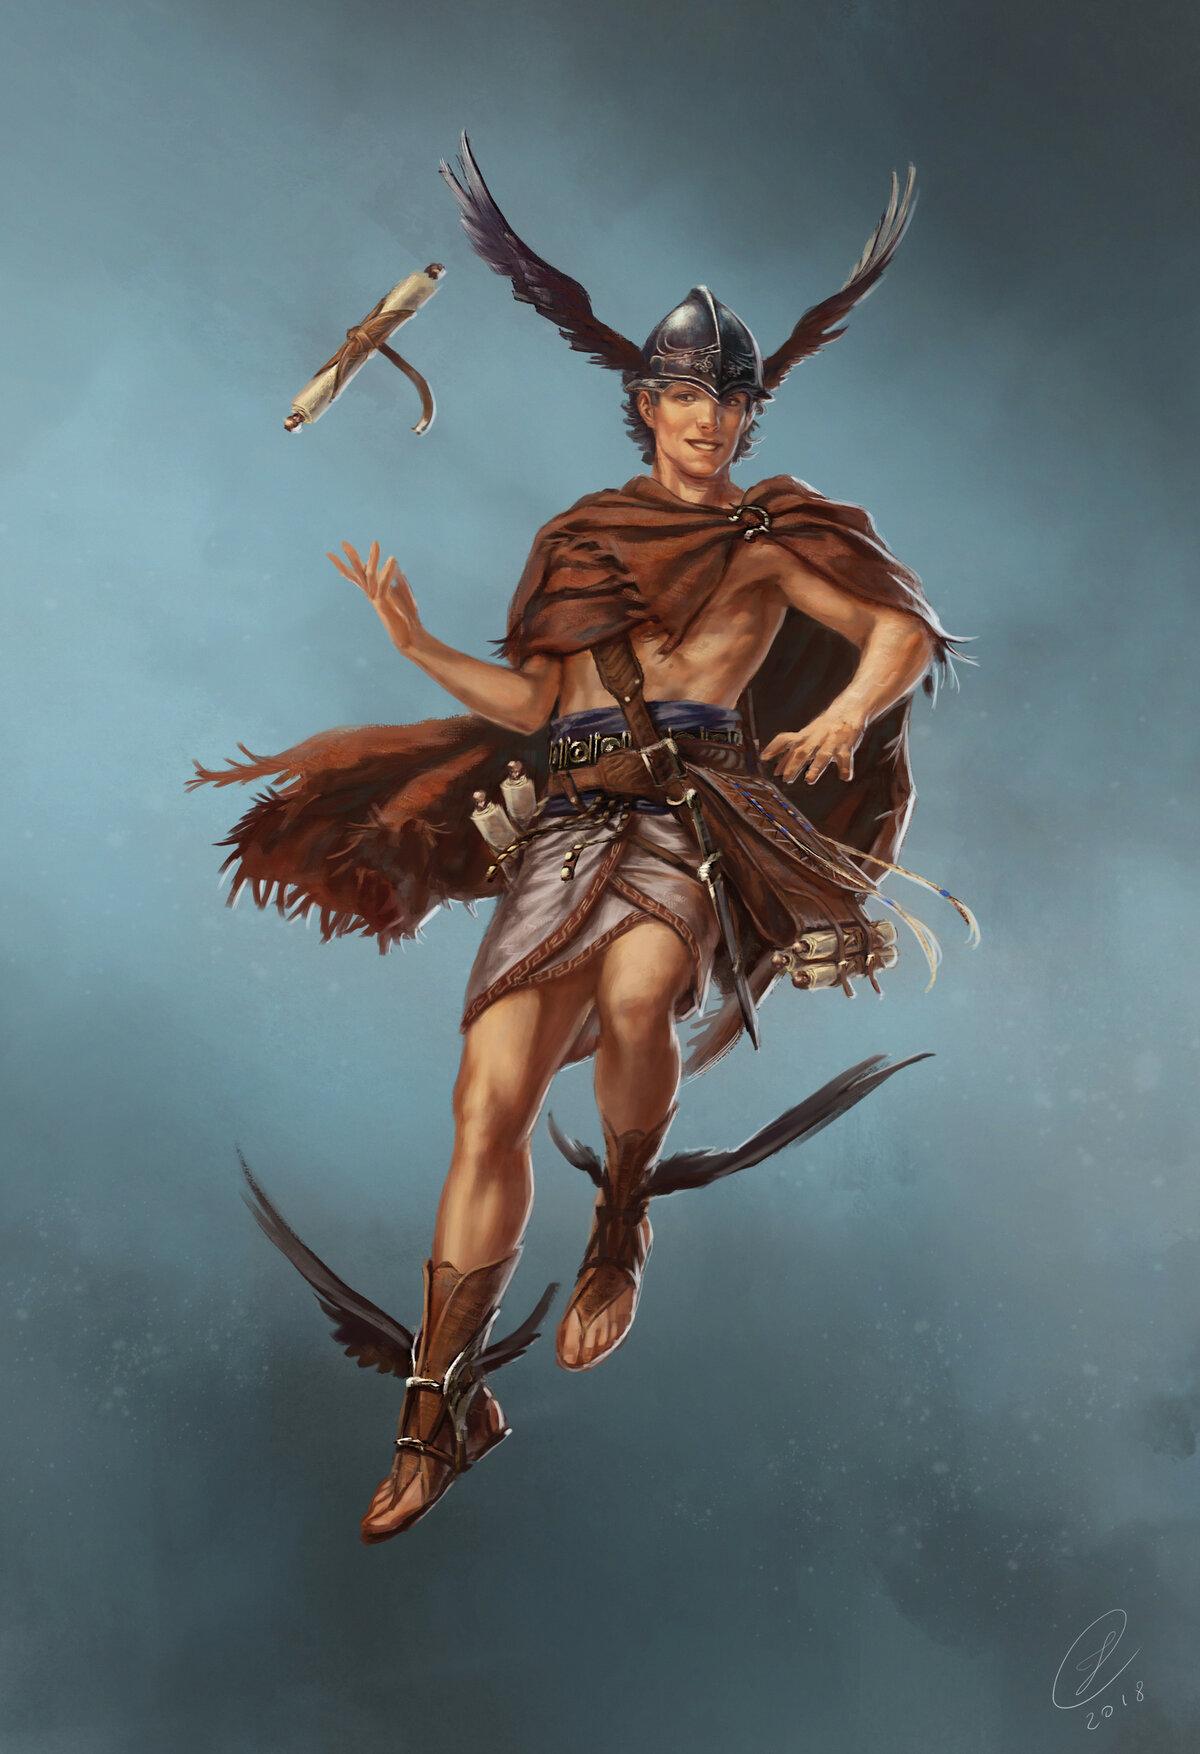 древнегреческий бог гермес картинки увидите, что раз